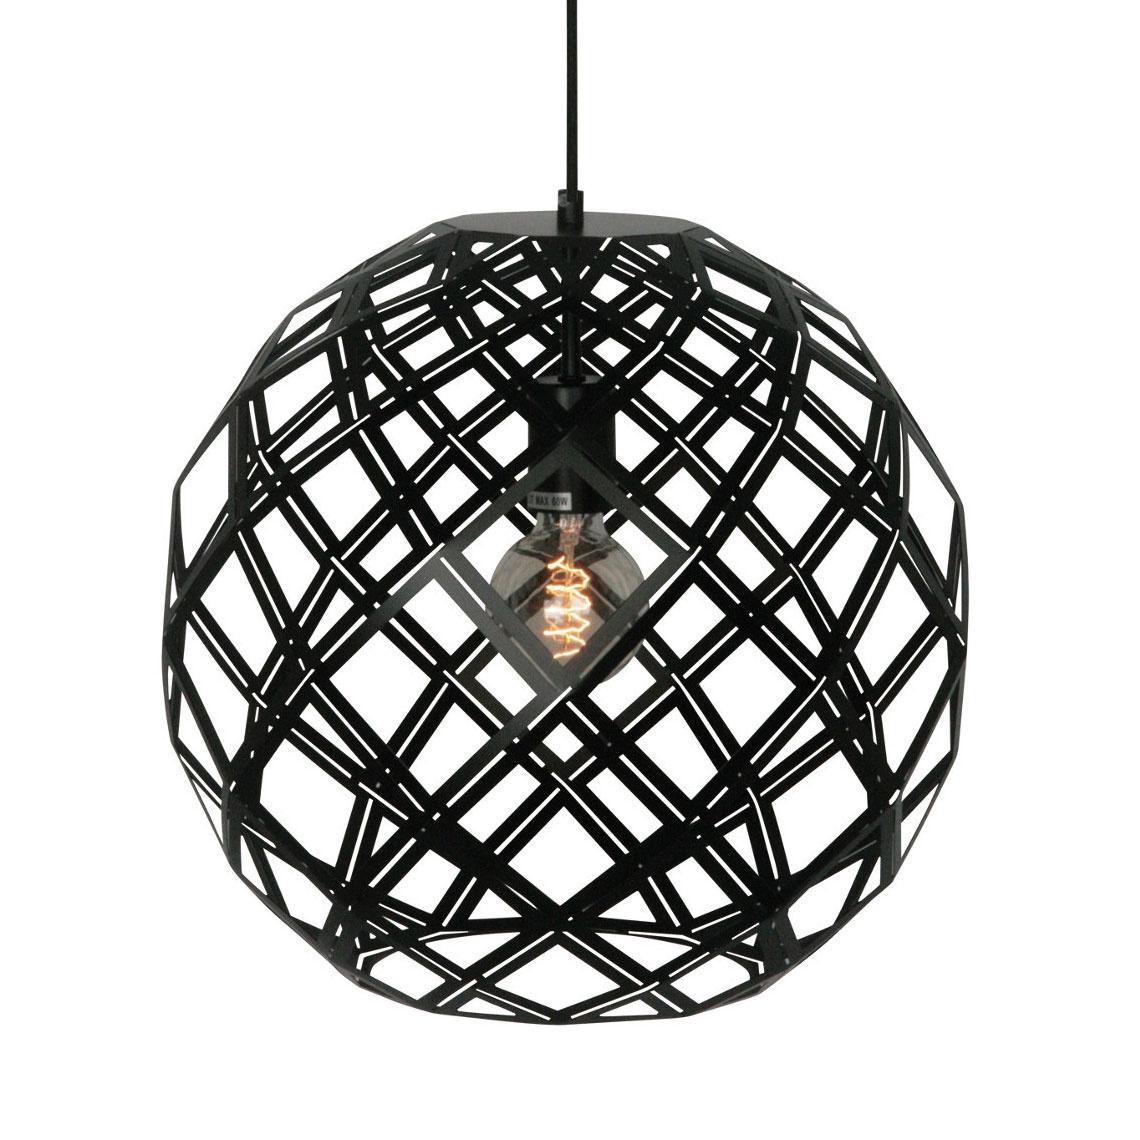 Freelight Hanglamp Emma 40 cm bol zwart